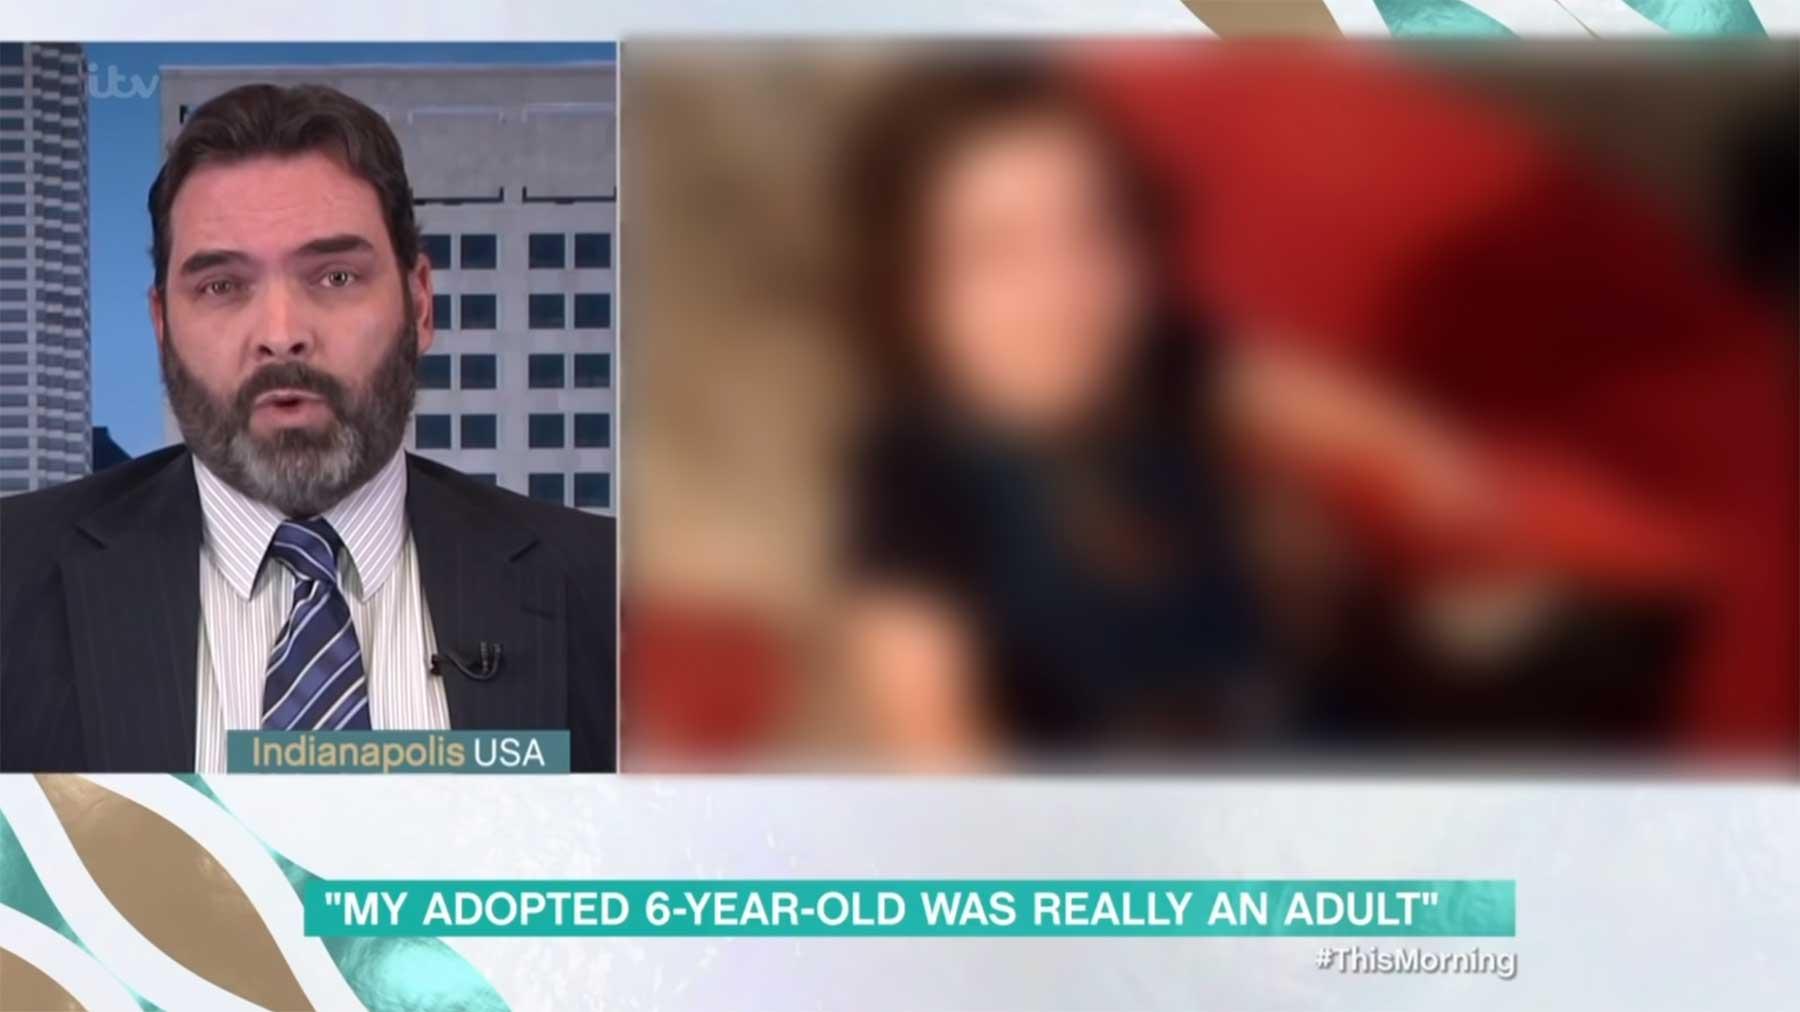 6-jährige Adoptions-Tochter entpuppt sich als erwachsene Frau